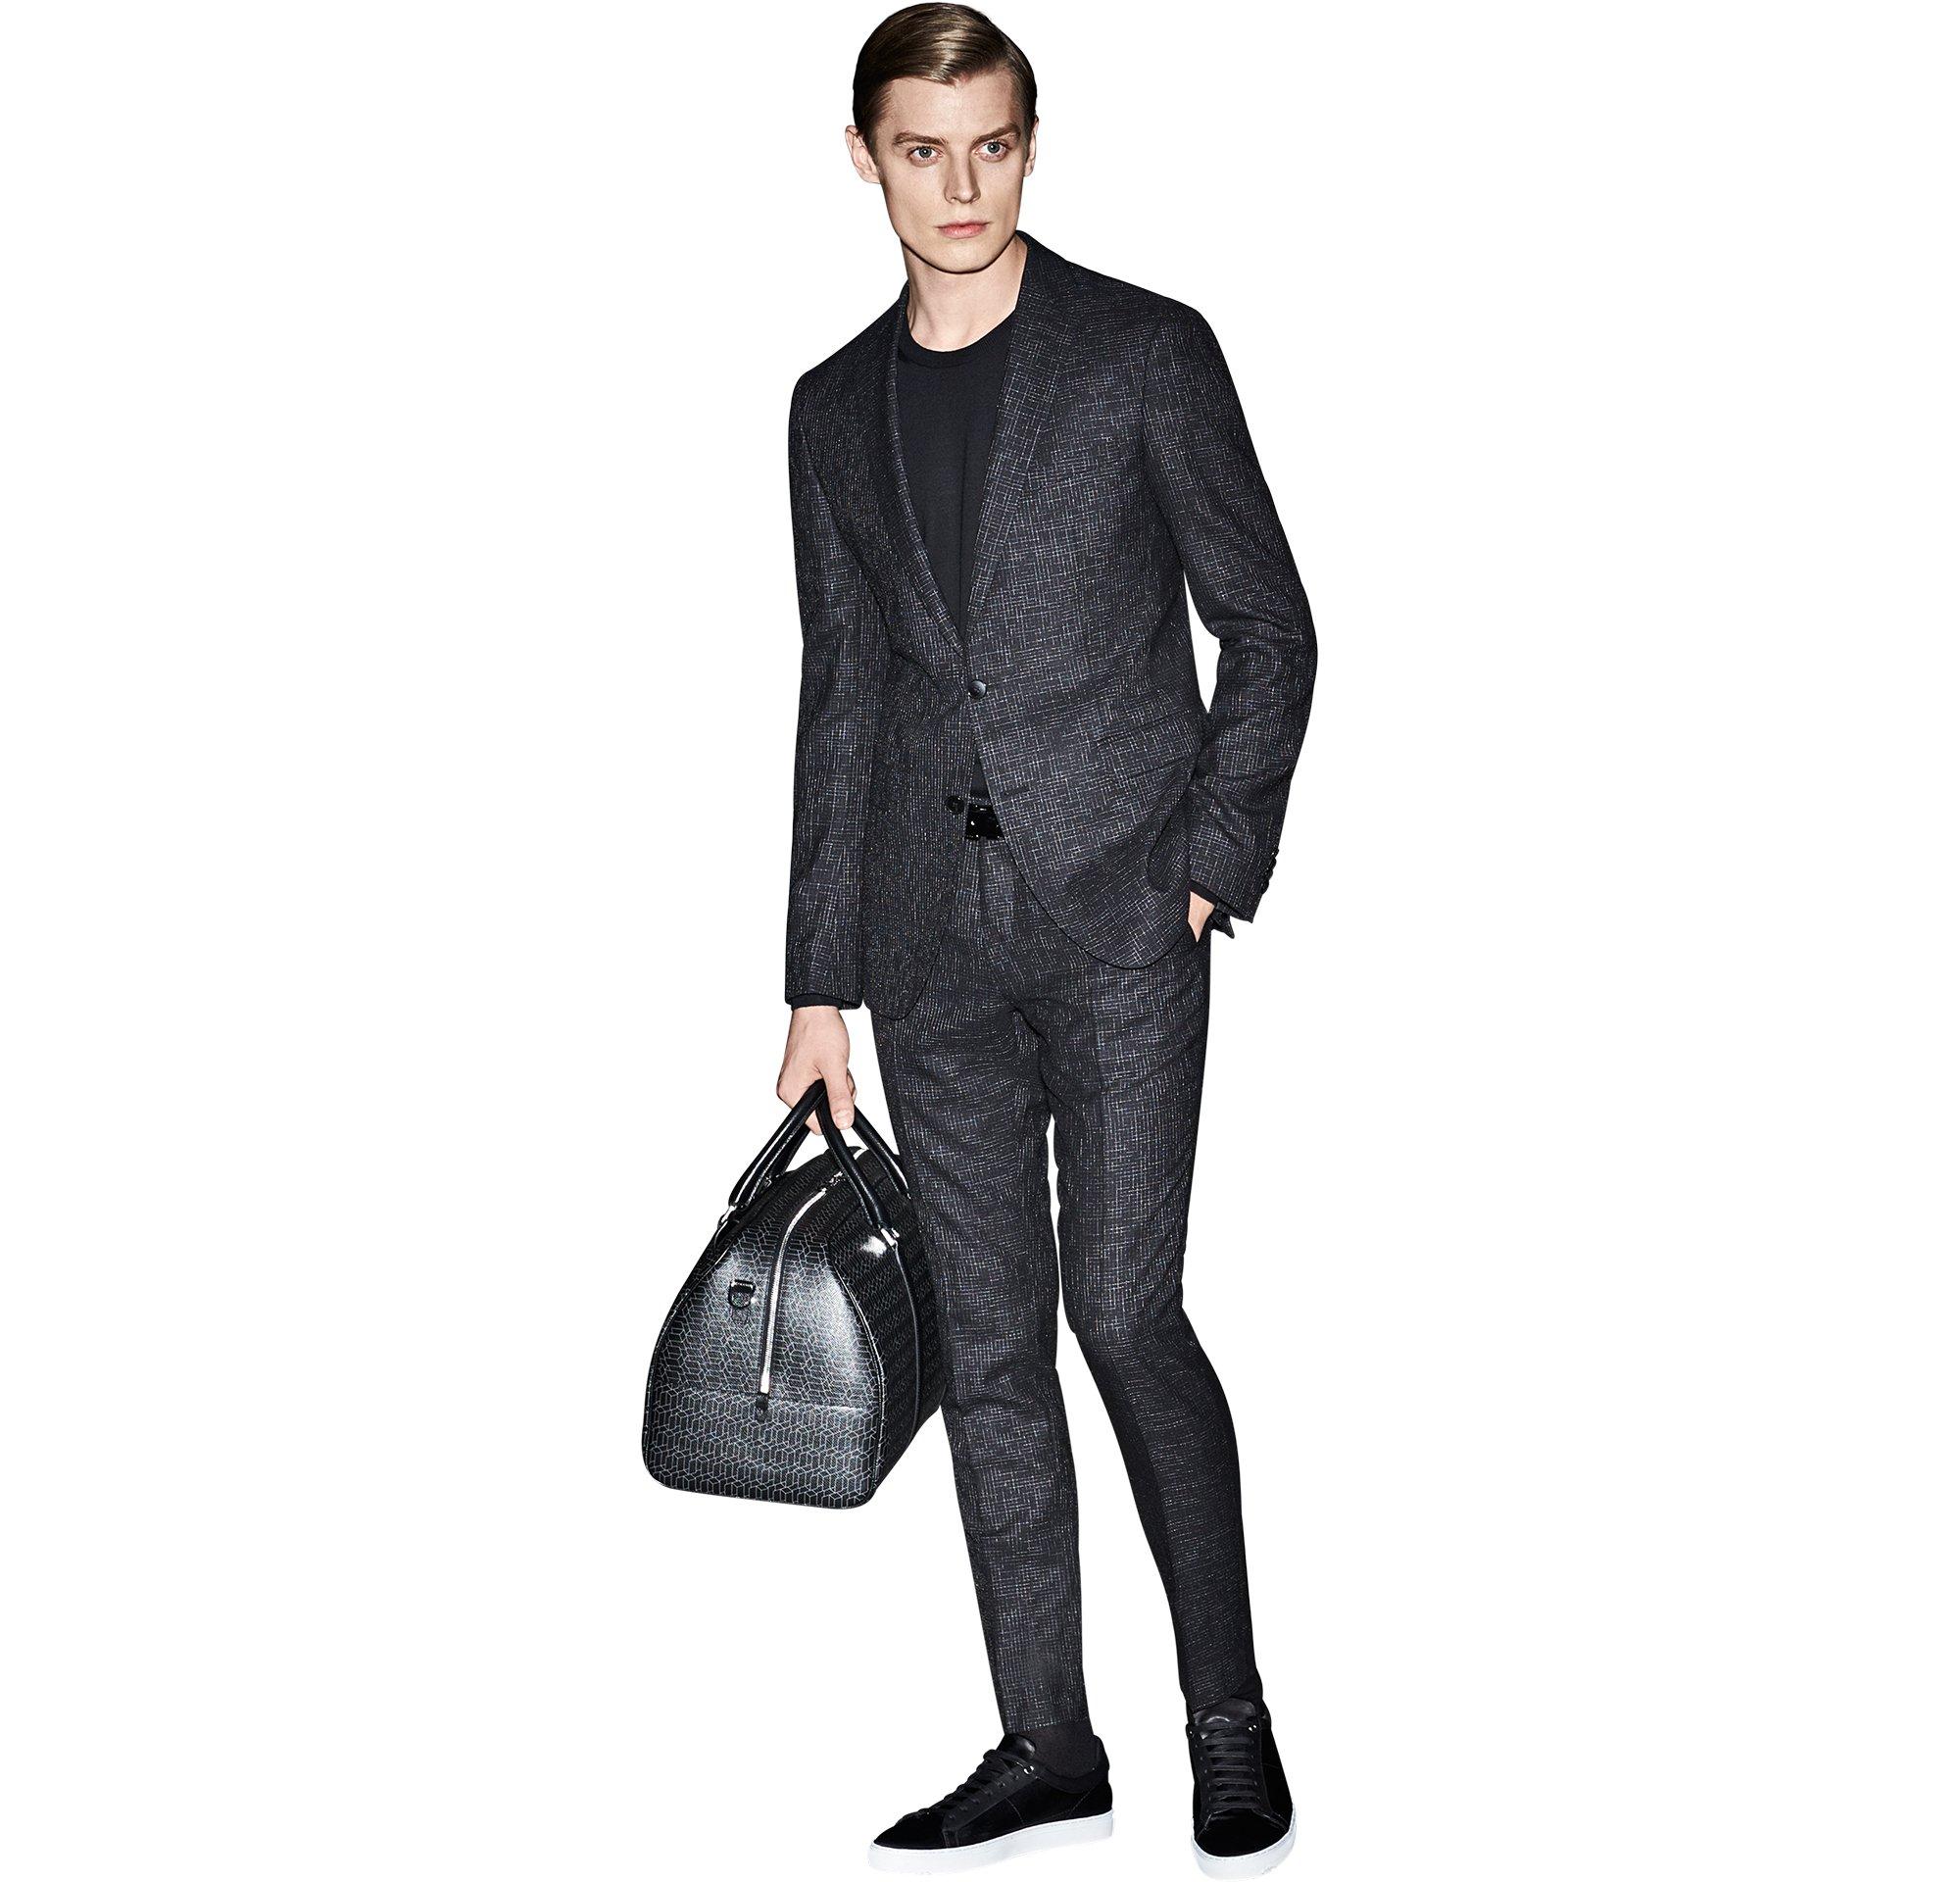 Schwarzer Anzug über schwarzem Strickoberteil, schwarze Ledertasche und schwarze Schuhe von BOSS